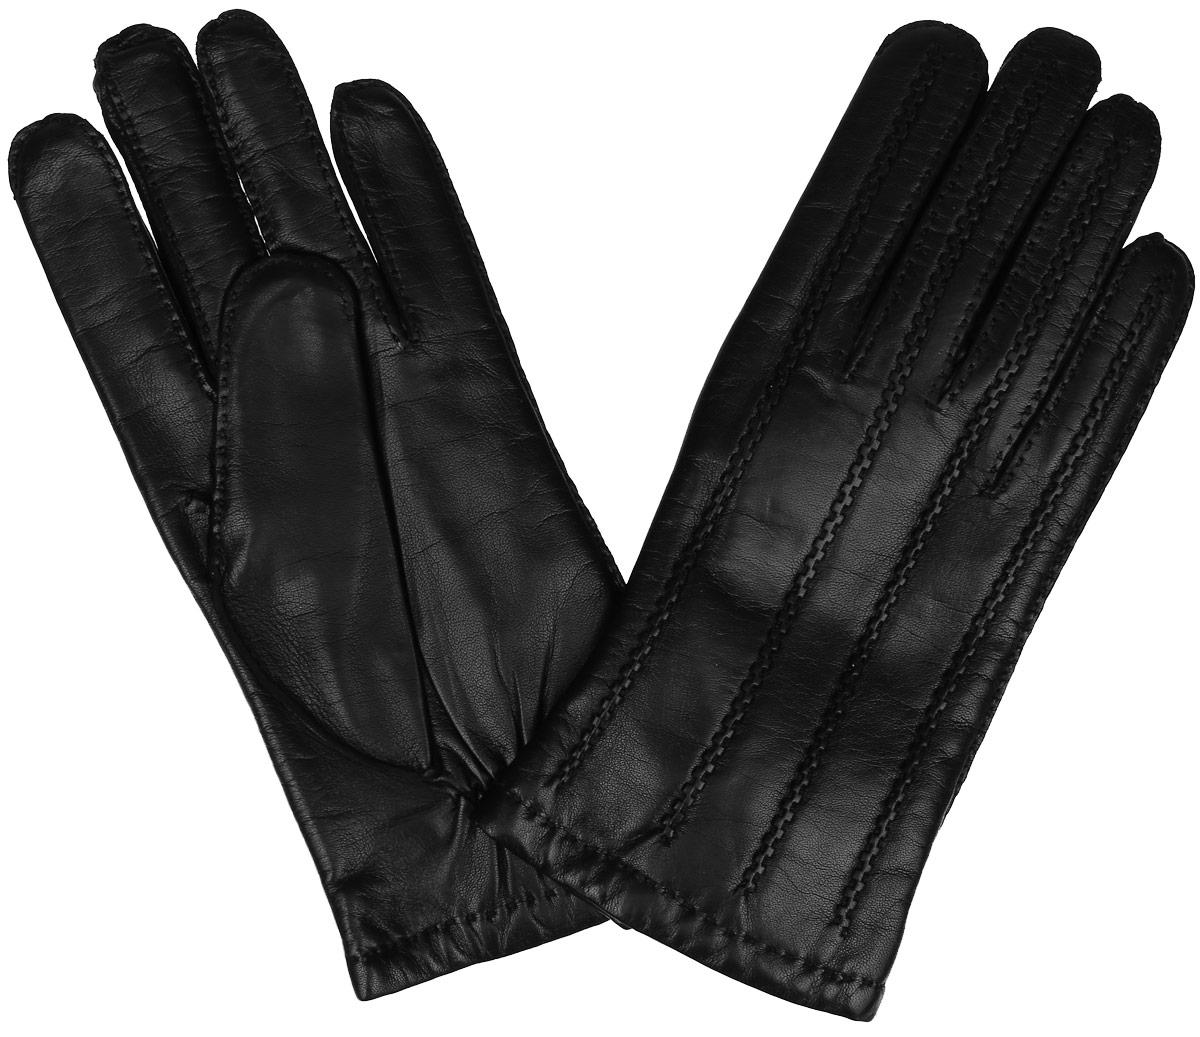 Перчатки мужские. 100_PETRUS100_PETRUS/BLМужские перчатки Dali Exclusive не только защитят ваши руки от холода, но и станут стильным аксессуаром. Перчатки выполнены из мягкой и приятной на ощупь натуральной кожи ягненка, подкладка - из 100% шерсти. Манжеты с тыльной стороны присборены на резинку для лучшего прилегания к запястью. Оформлено изделие декоративными швами. Перчатки станут завершающим и подчеркивающим элементом вашего неповторимого стиля и индивидуальности.